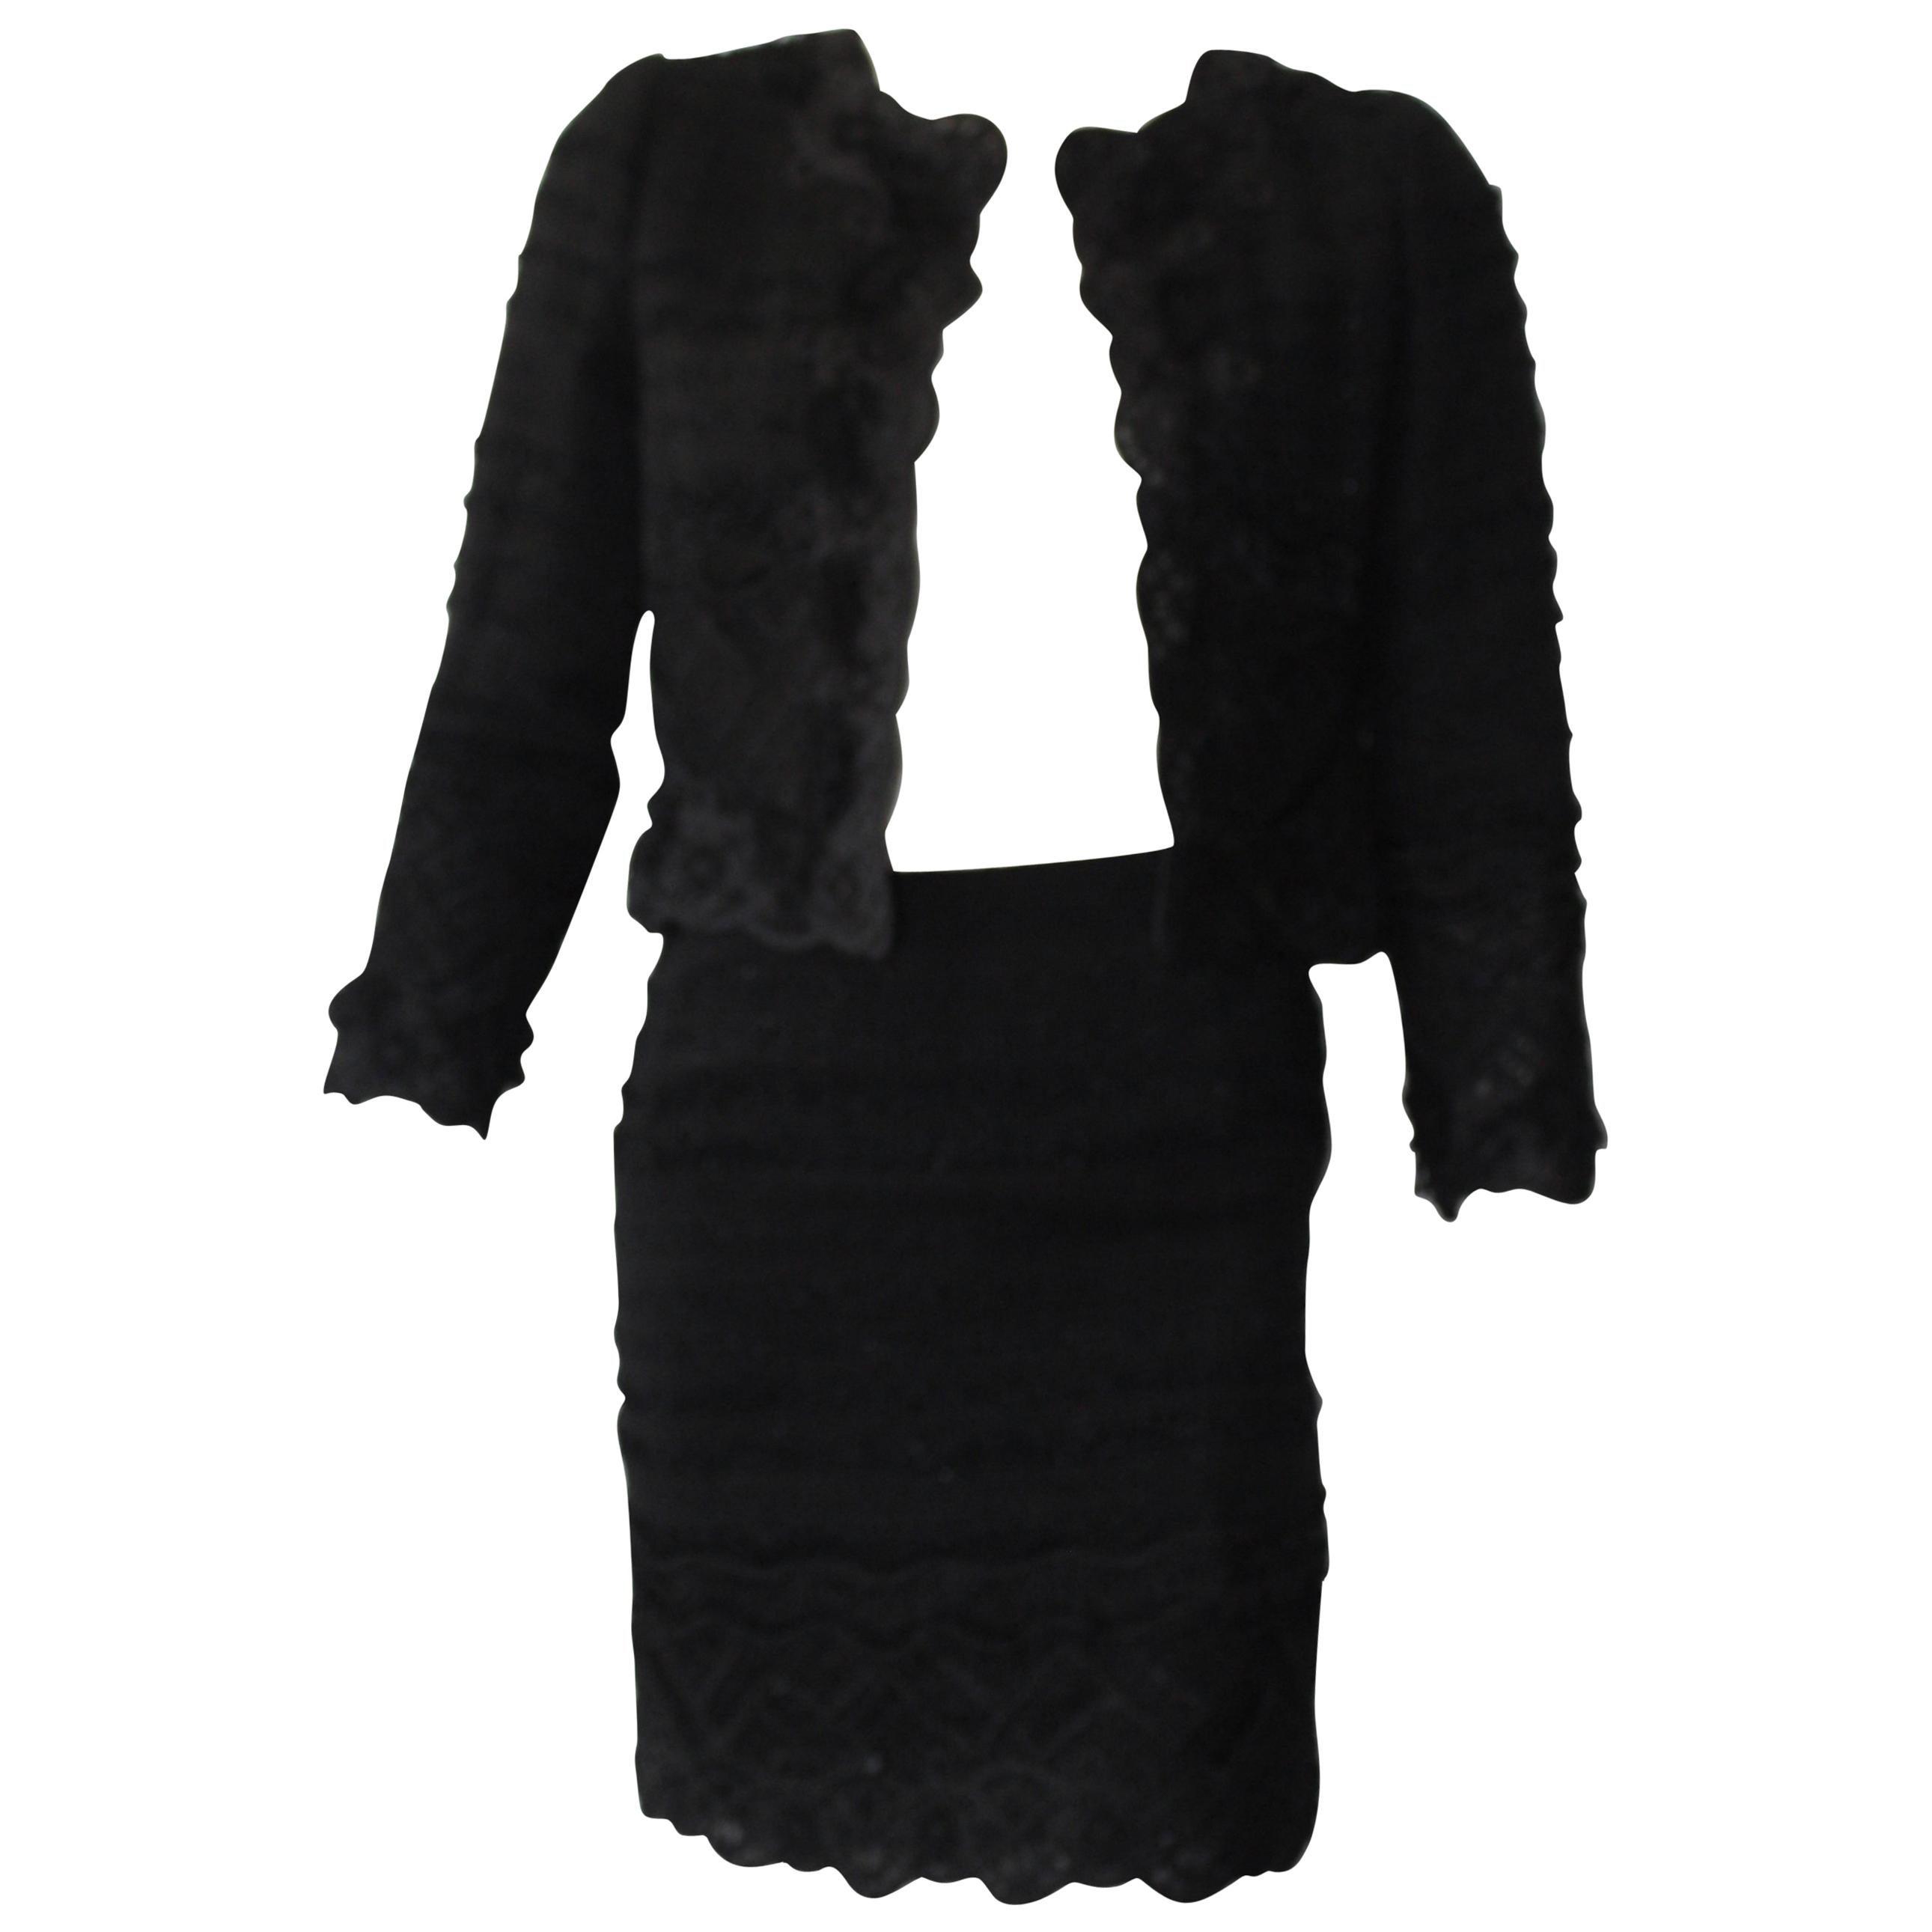 Oscar de la Renta Skirt Suit Ensemble